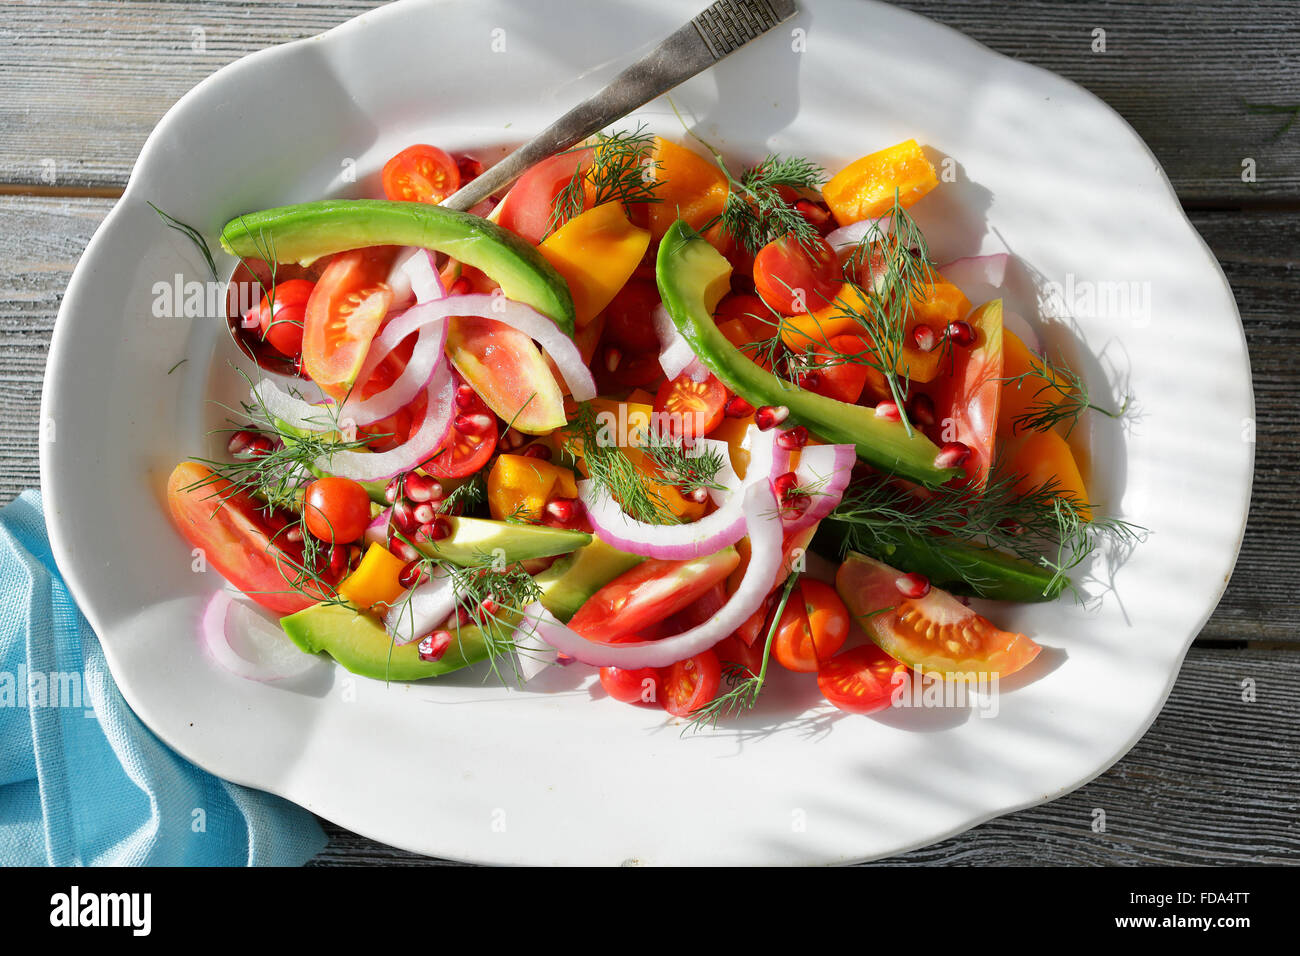 Salade de tomates et le paprika sur la plaque Photo Stock